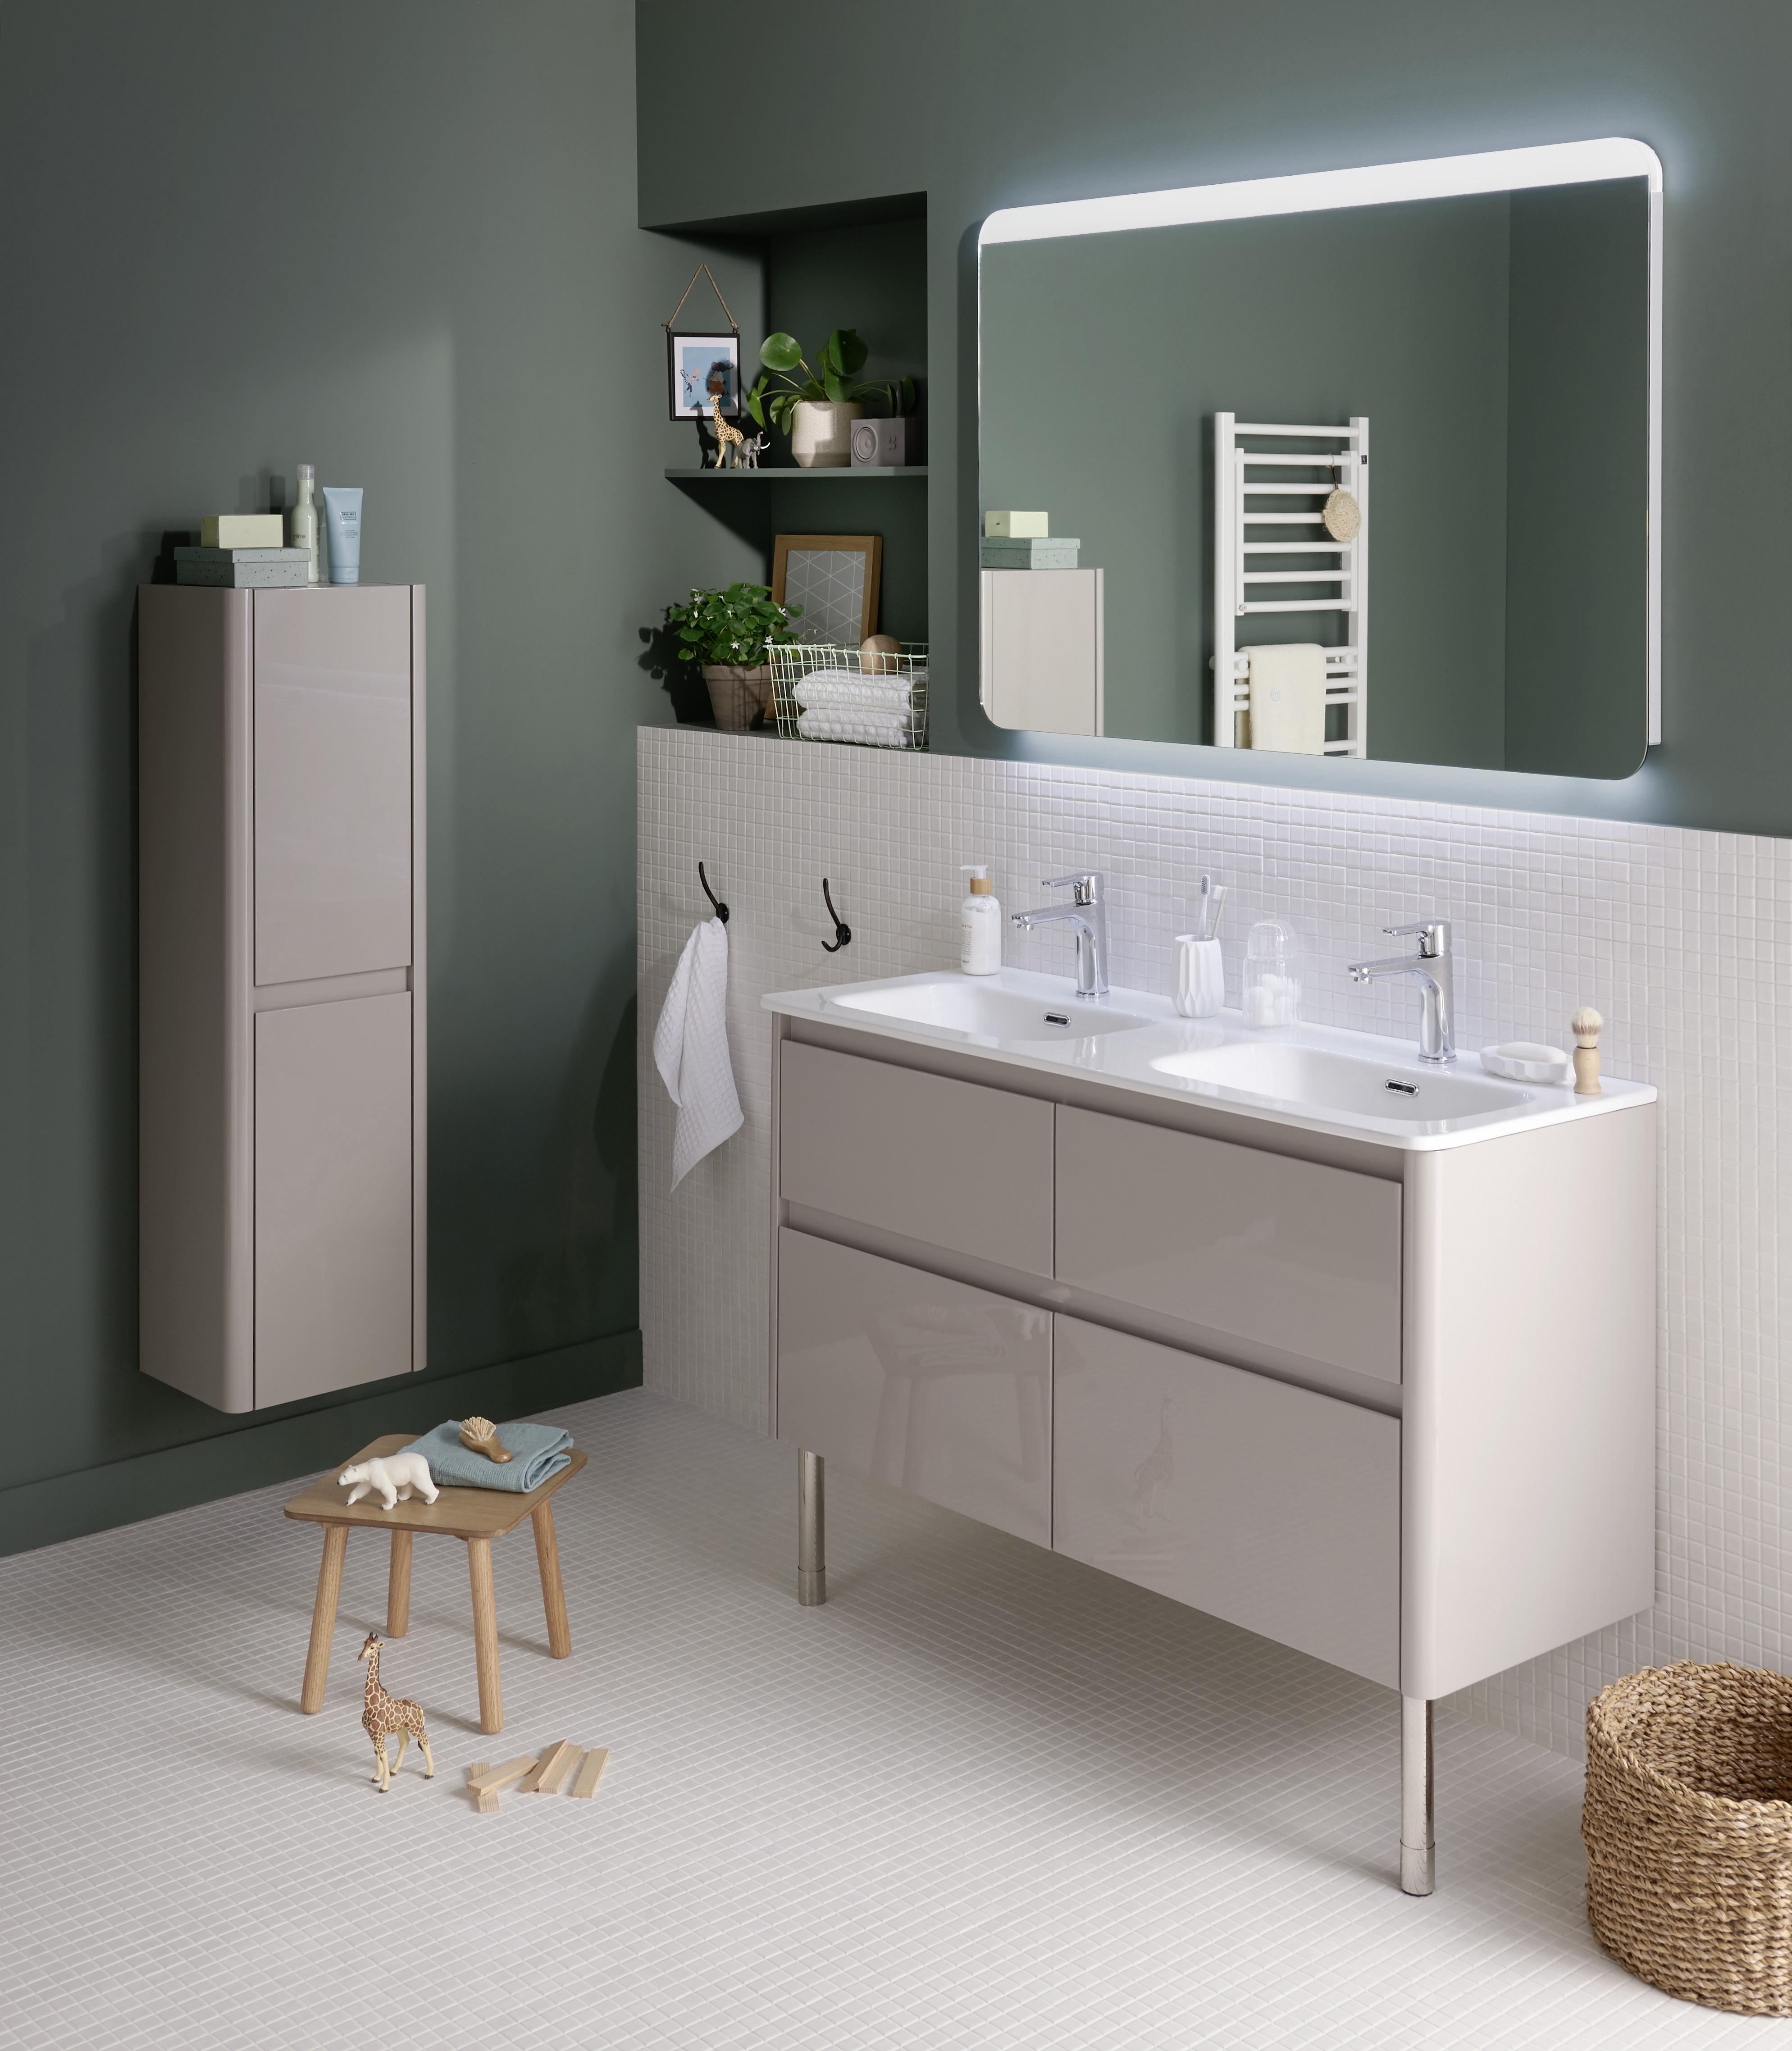 LAPEYRE Meuble de salle de bains Arronde - Lapeyre Presse